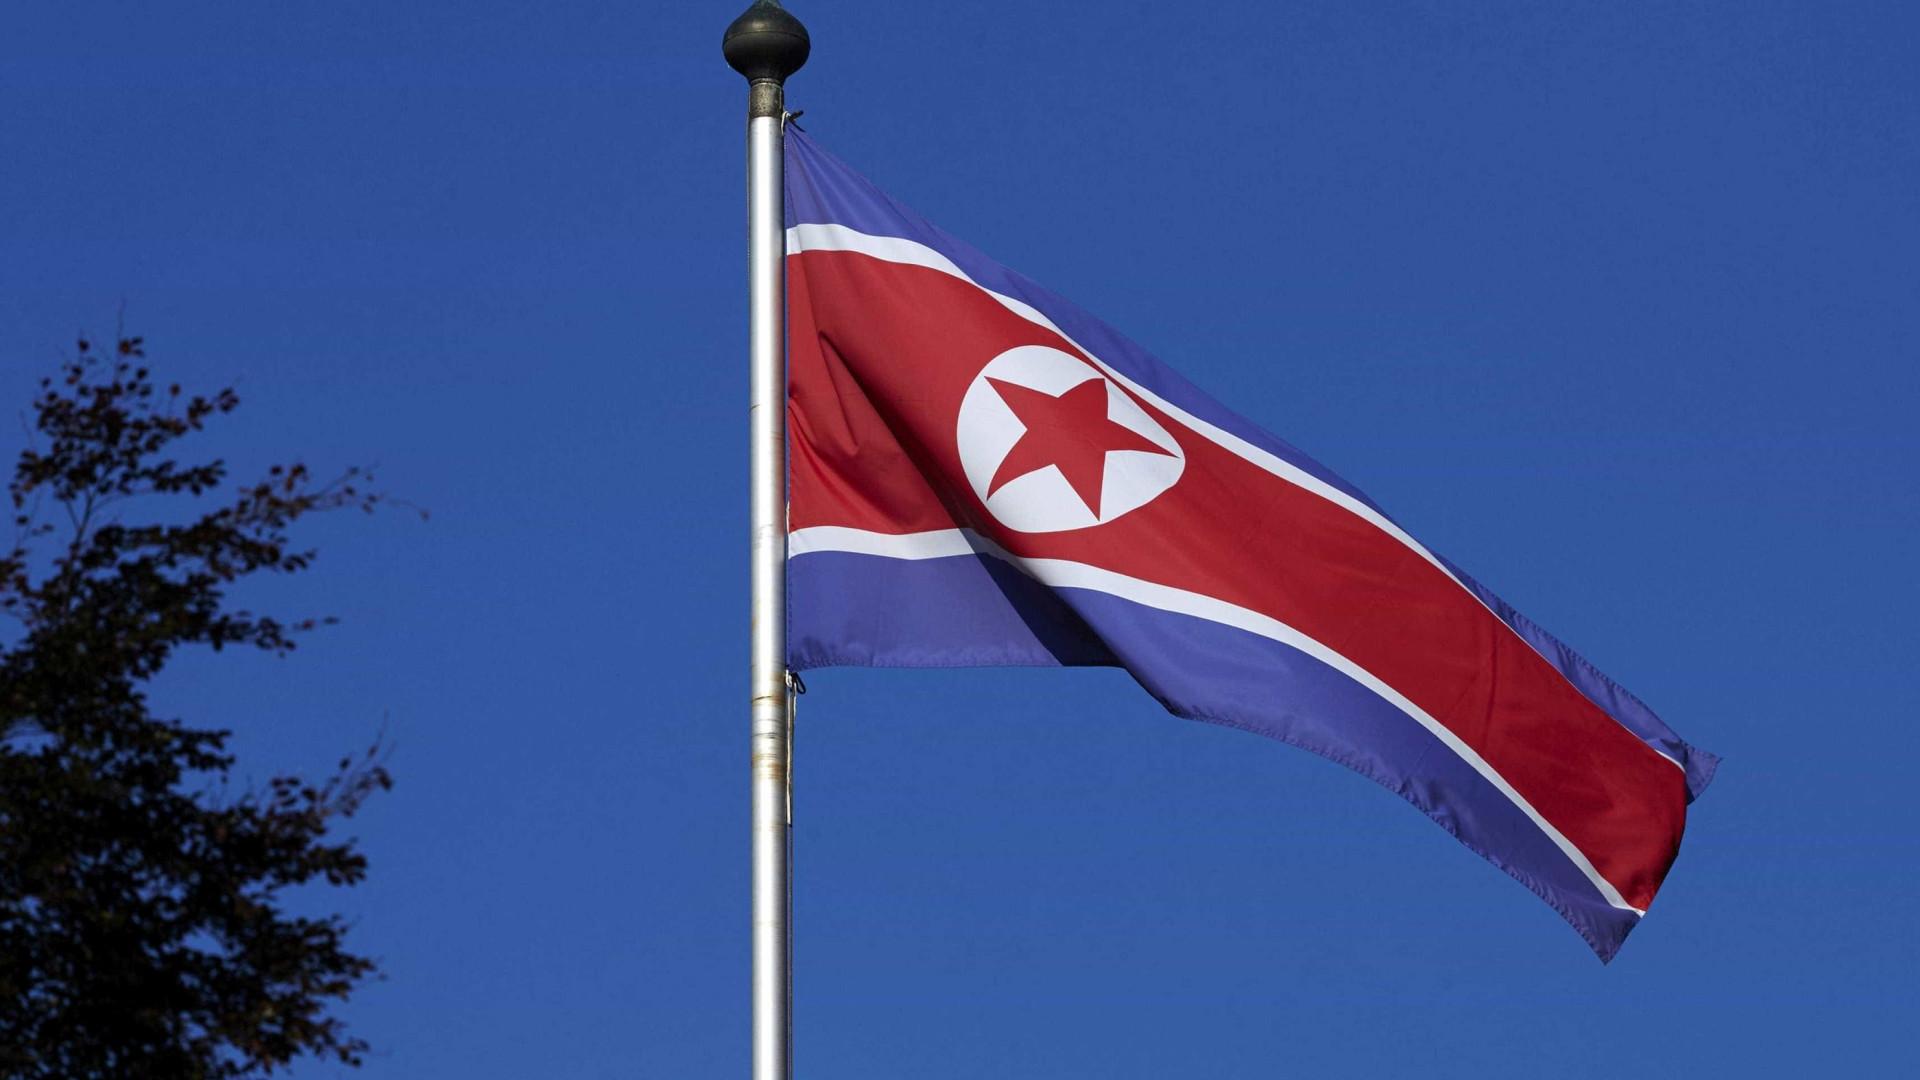 Acidente na Coreia do Norte deixa mais de 30 chineses mortos